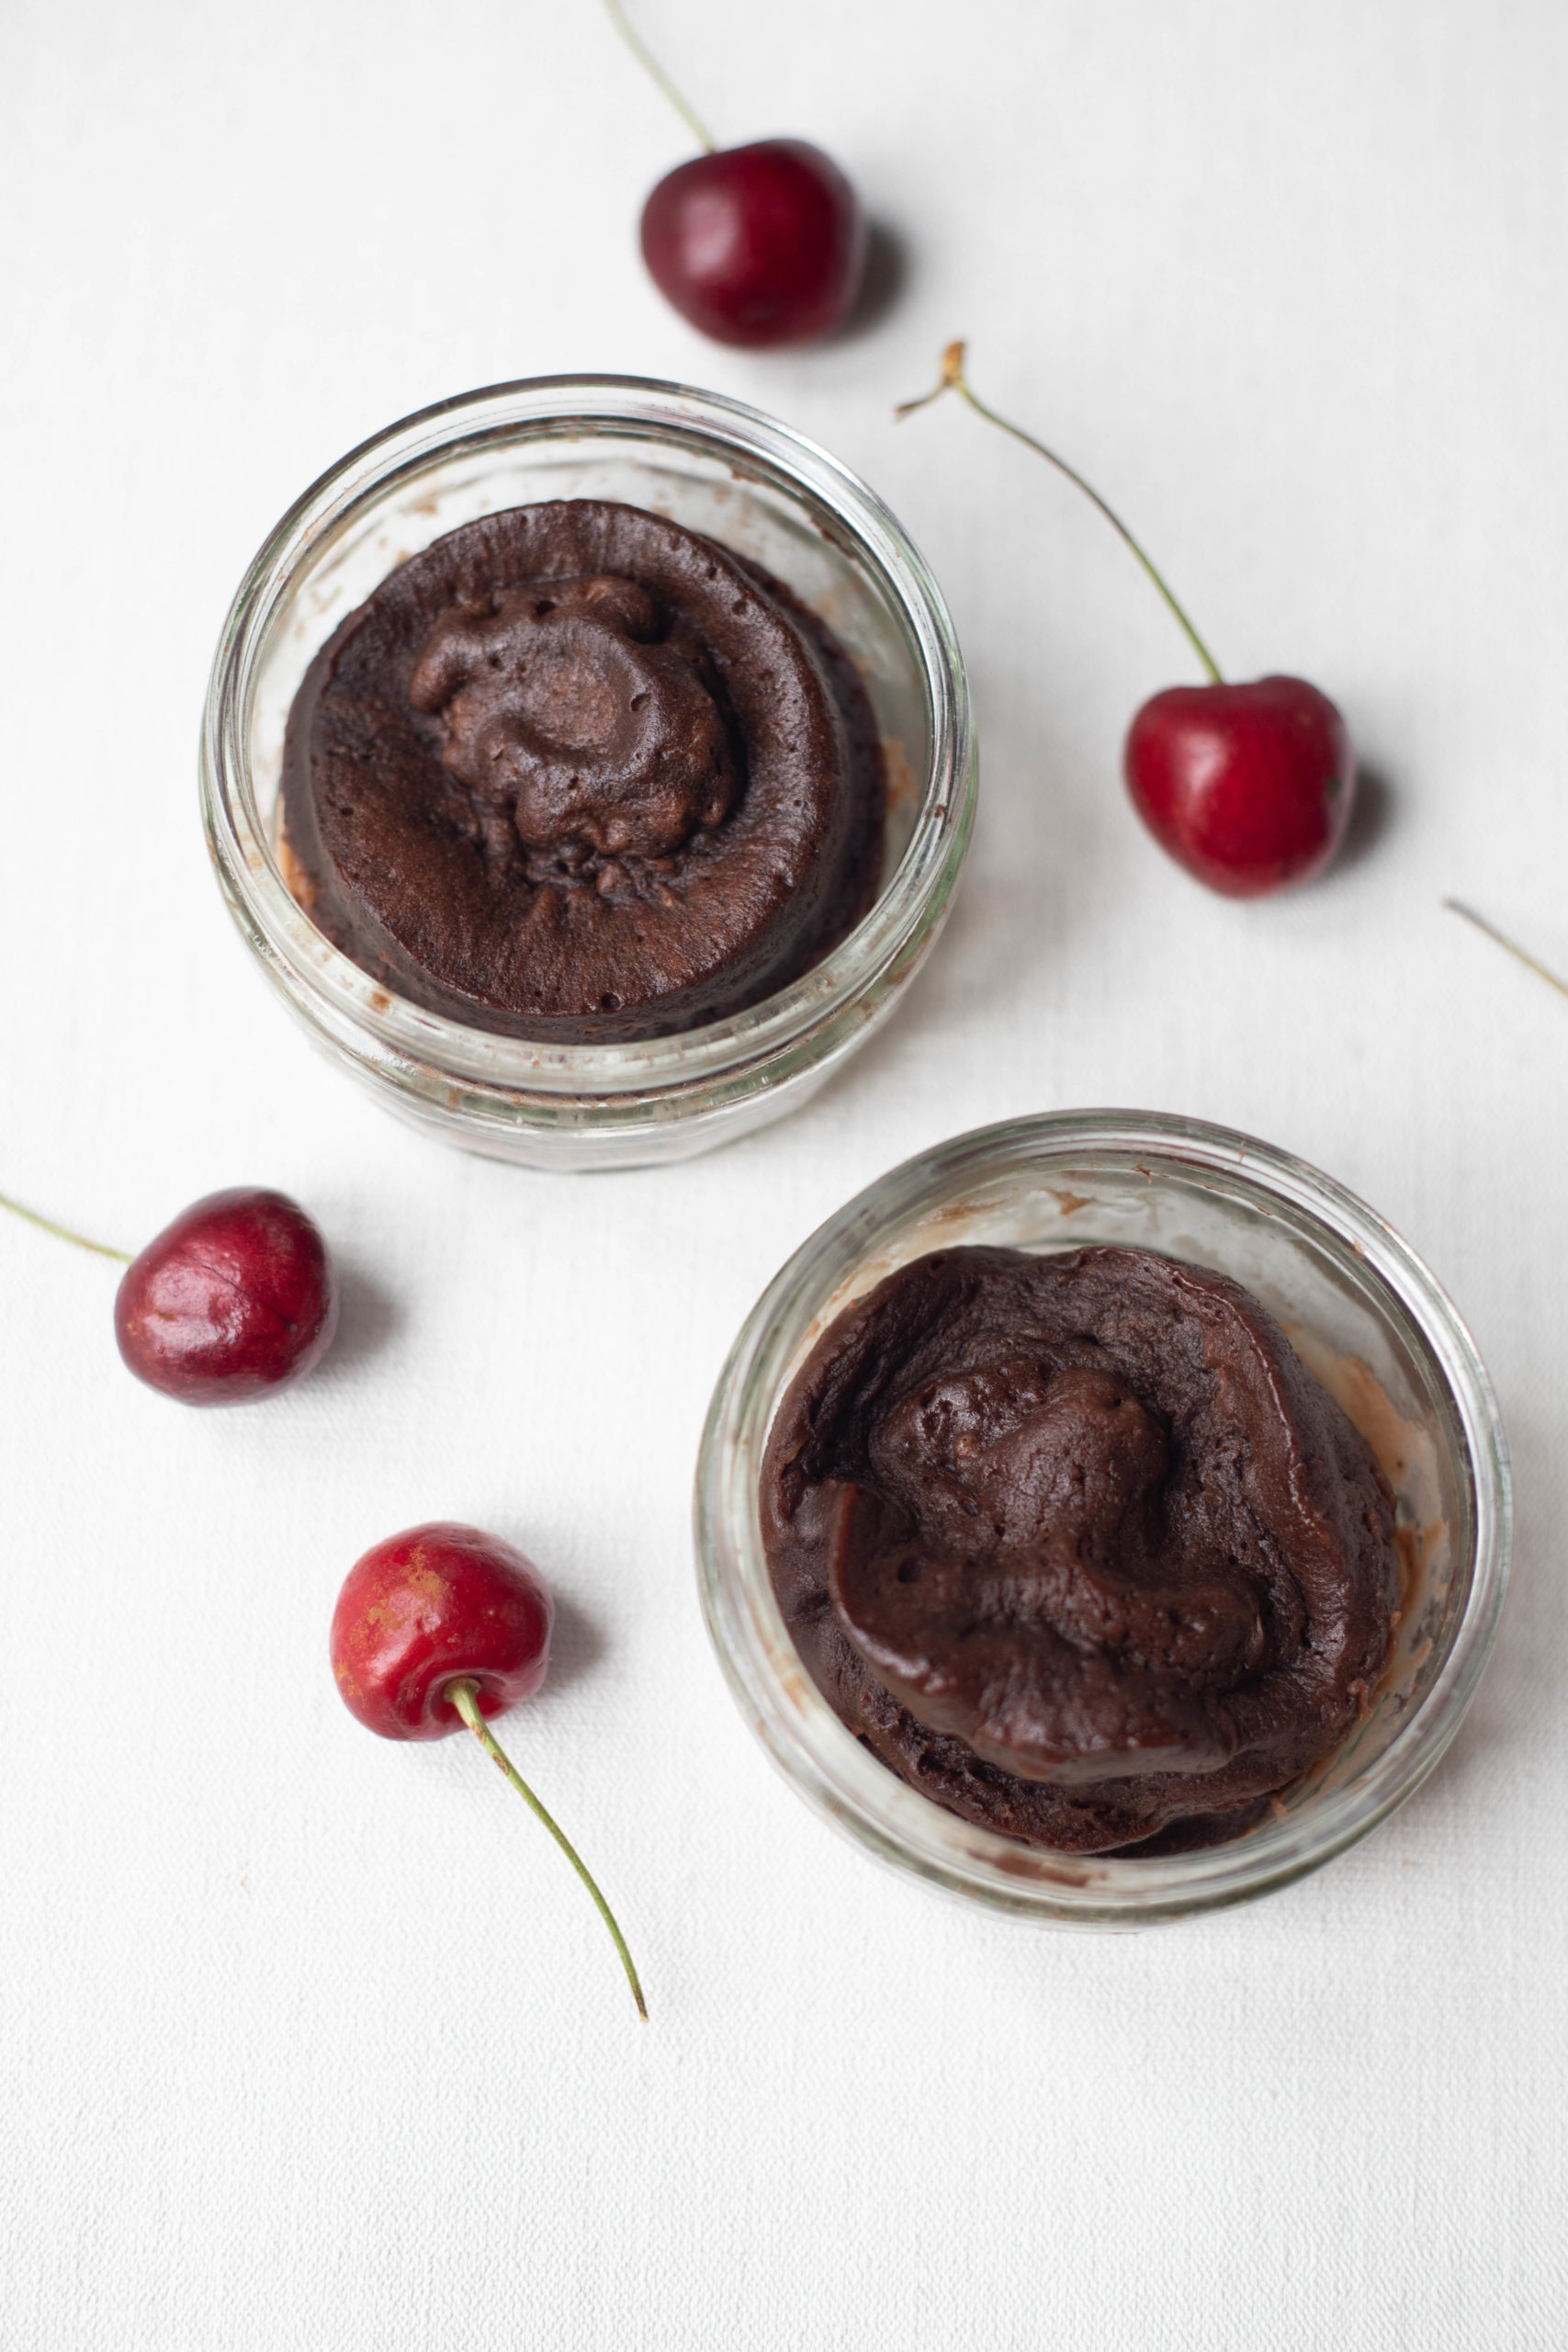 Chocolate cake and cherries